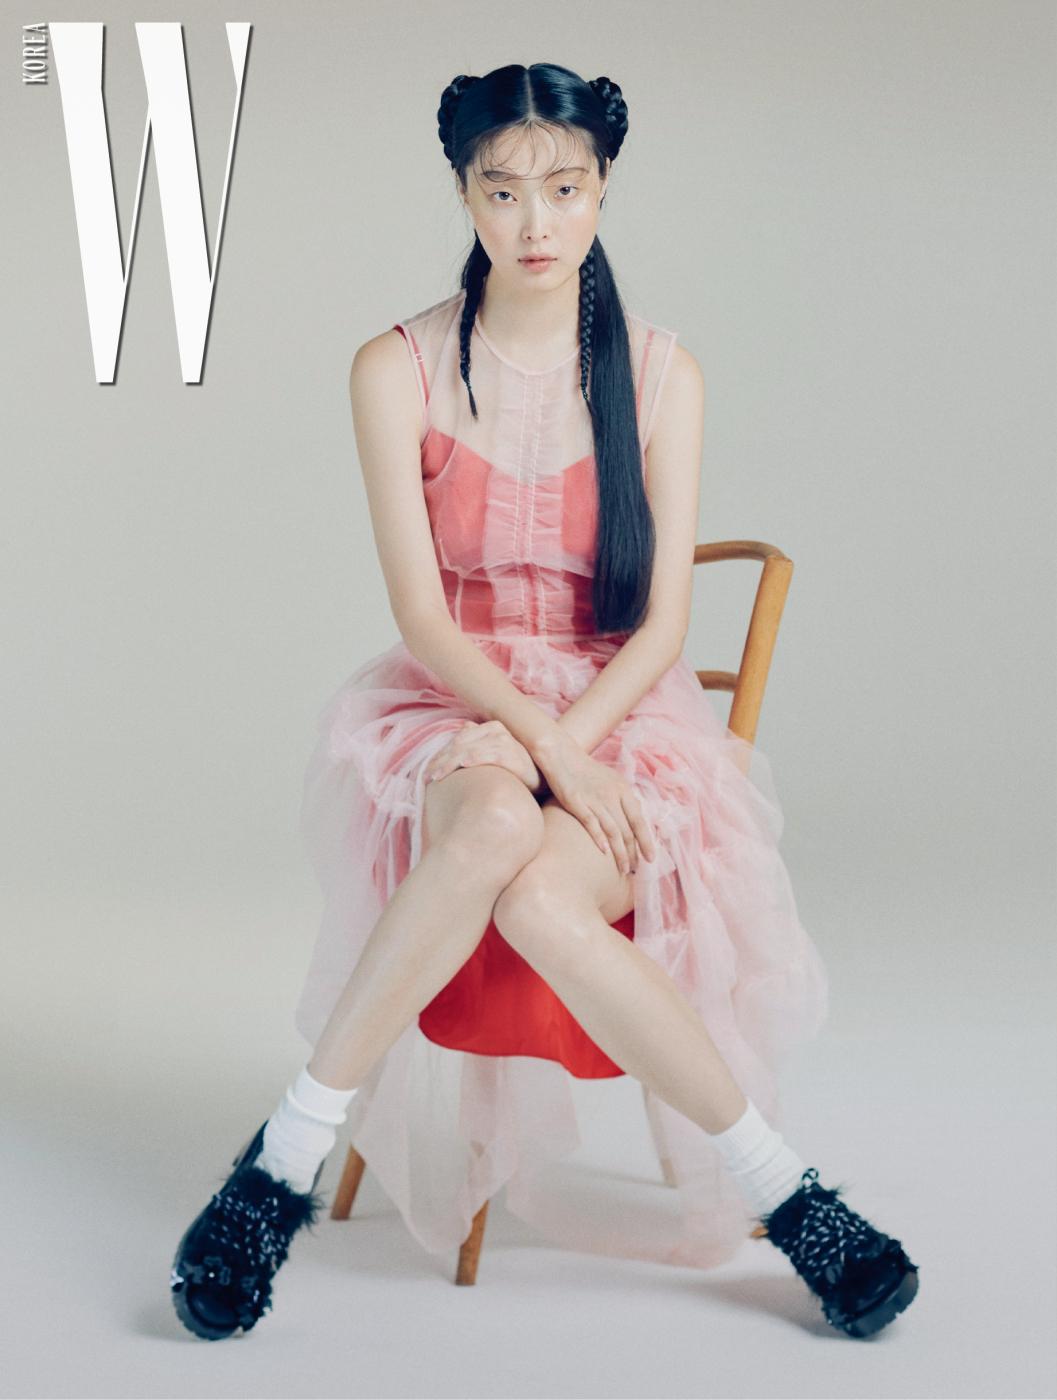 여성스러운 분홍색 시스루 드레스와 빨강색 슬립 드레스, 소녀 무드의 꽃, 퍼 장식과 산악화 모티프의 끈이 어우러진 슈즈는 모두 4 Moncler Simone Rocha 제품.